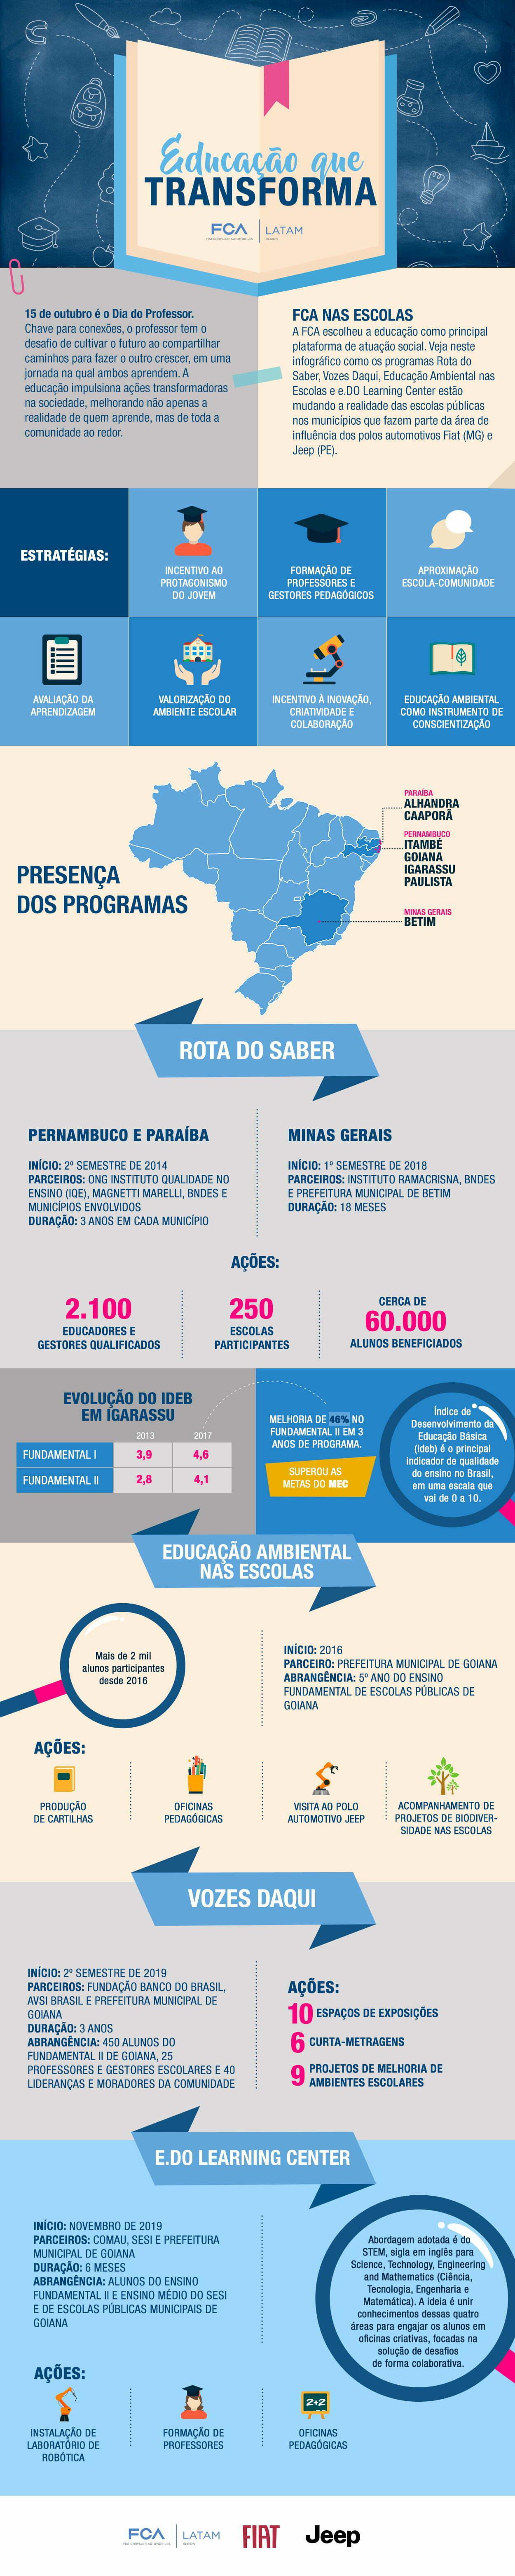 Infográfico: Educação que Transforma